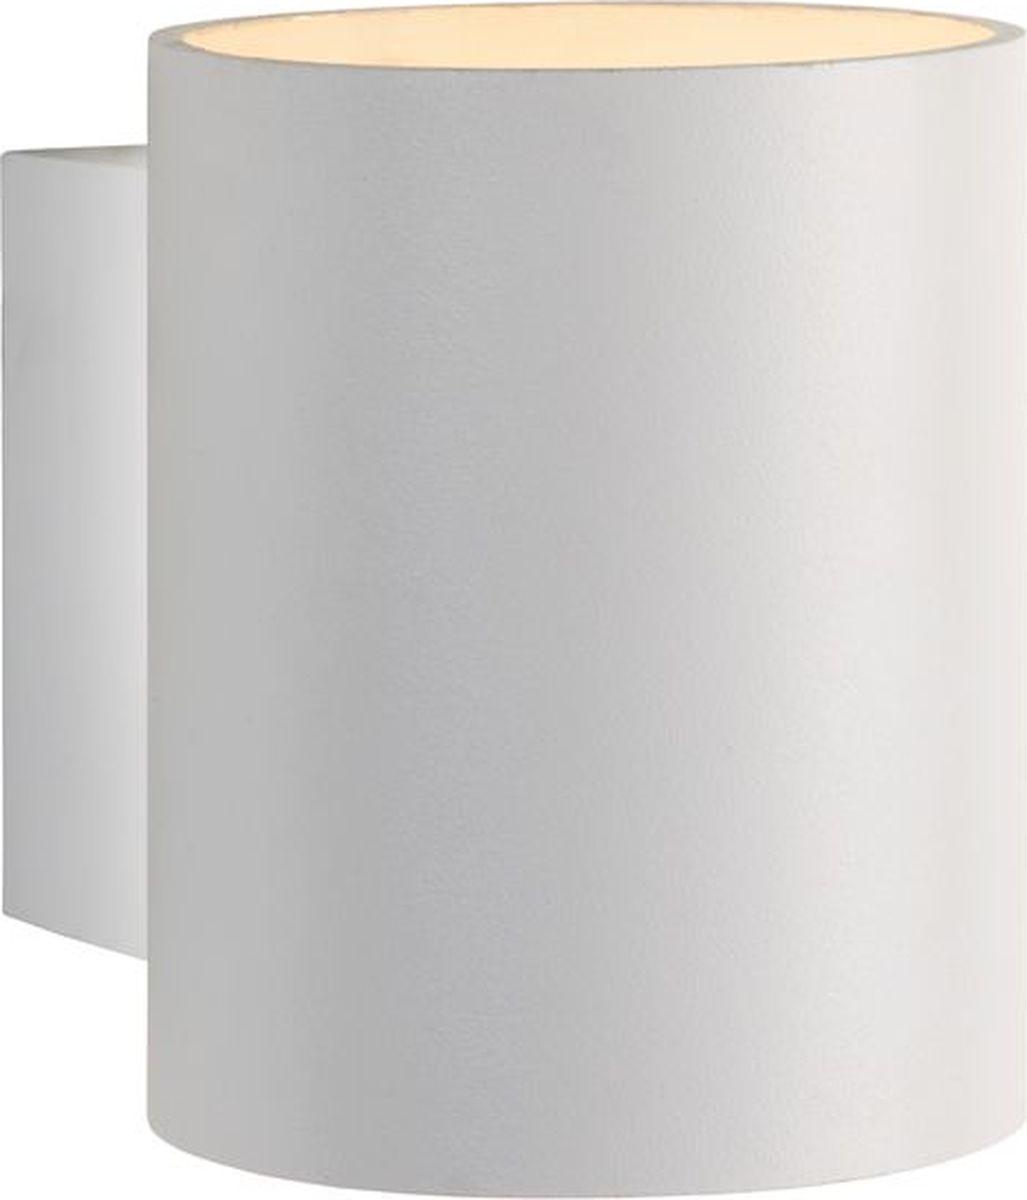 Светильник настенный Lucide Xera, цвет: белый, G9, 25 Вт. 23252/01/3123252/01/31